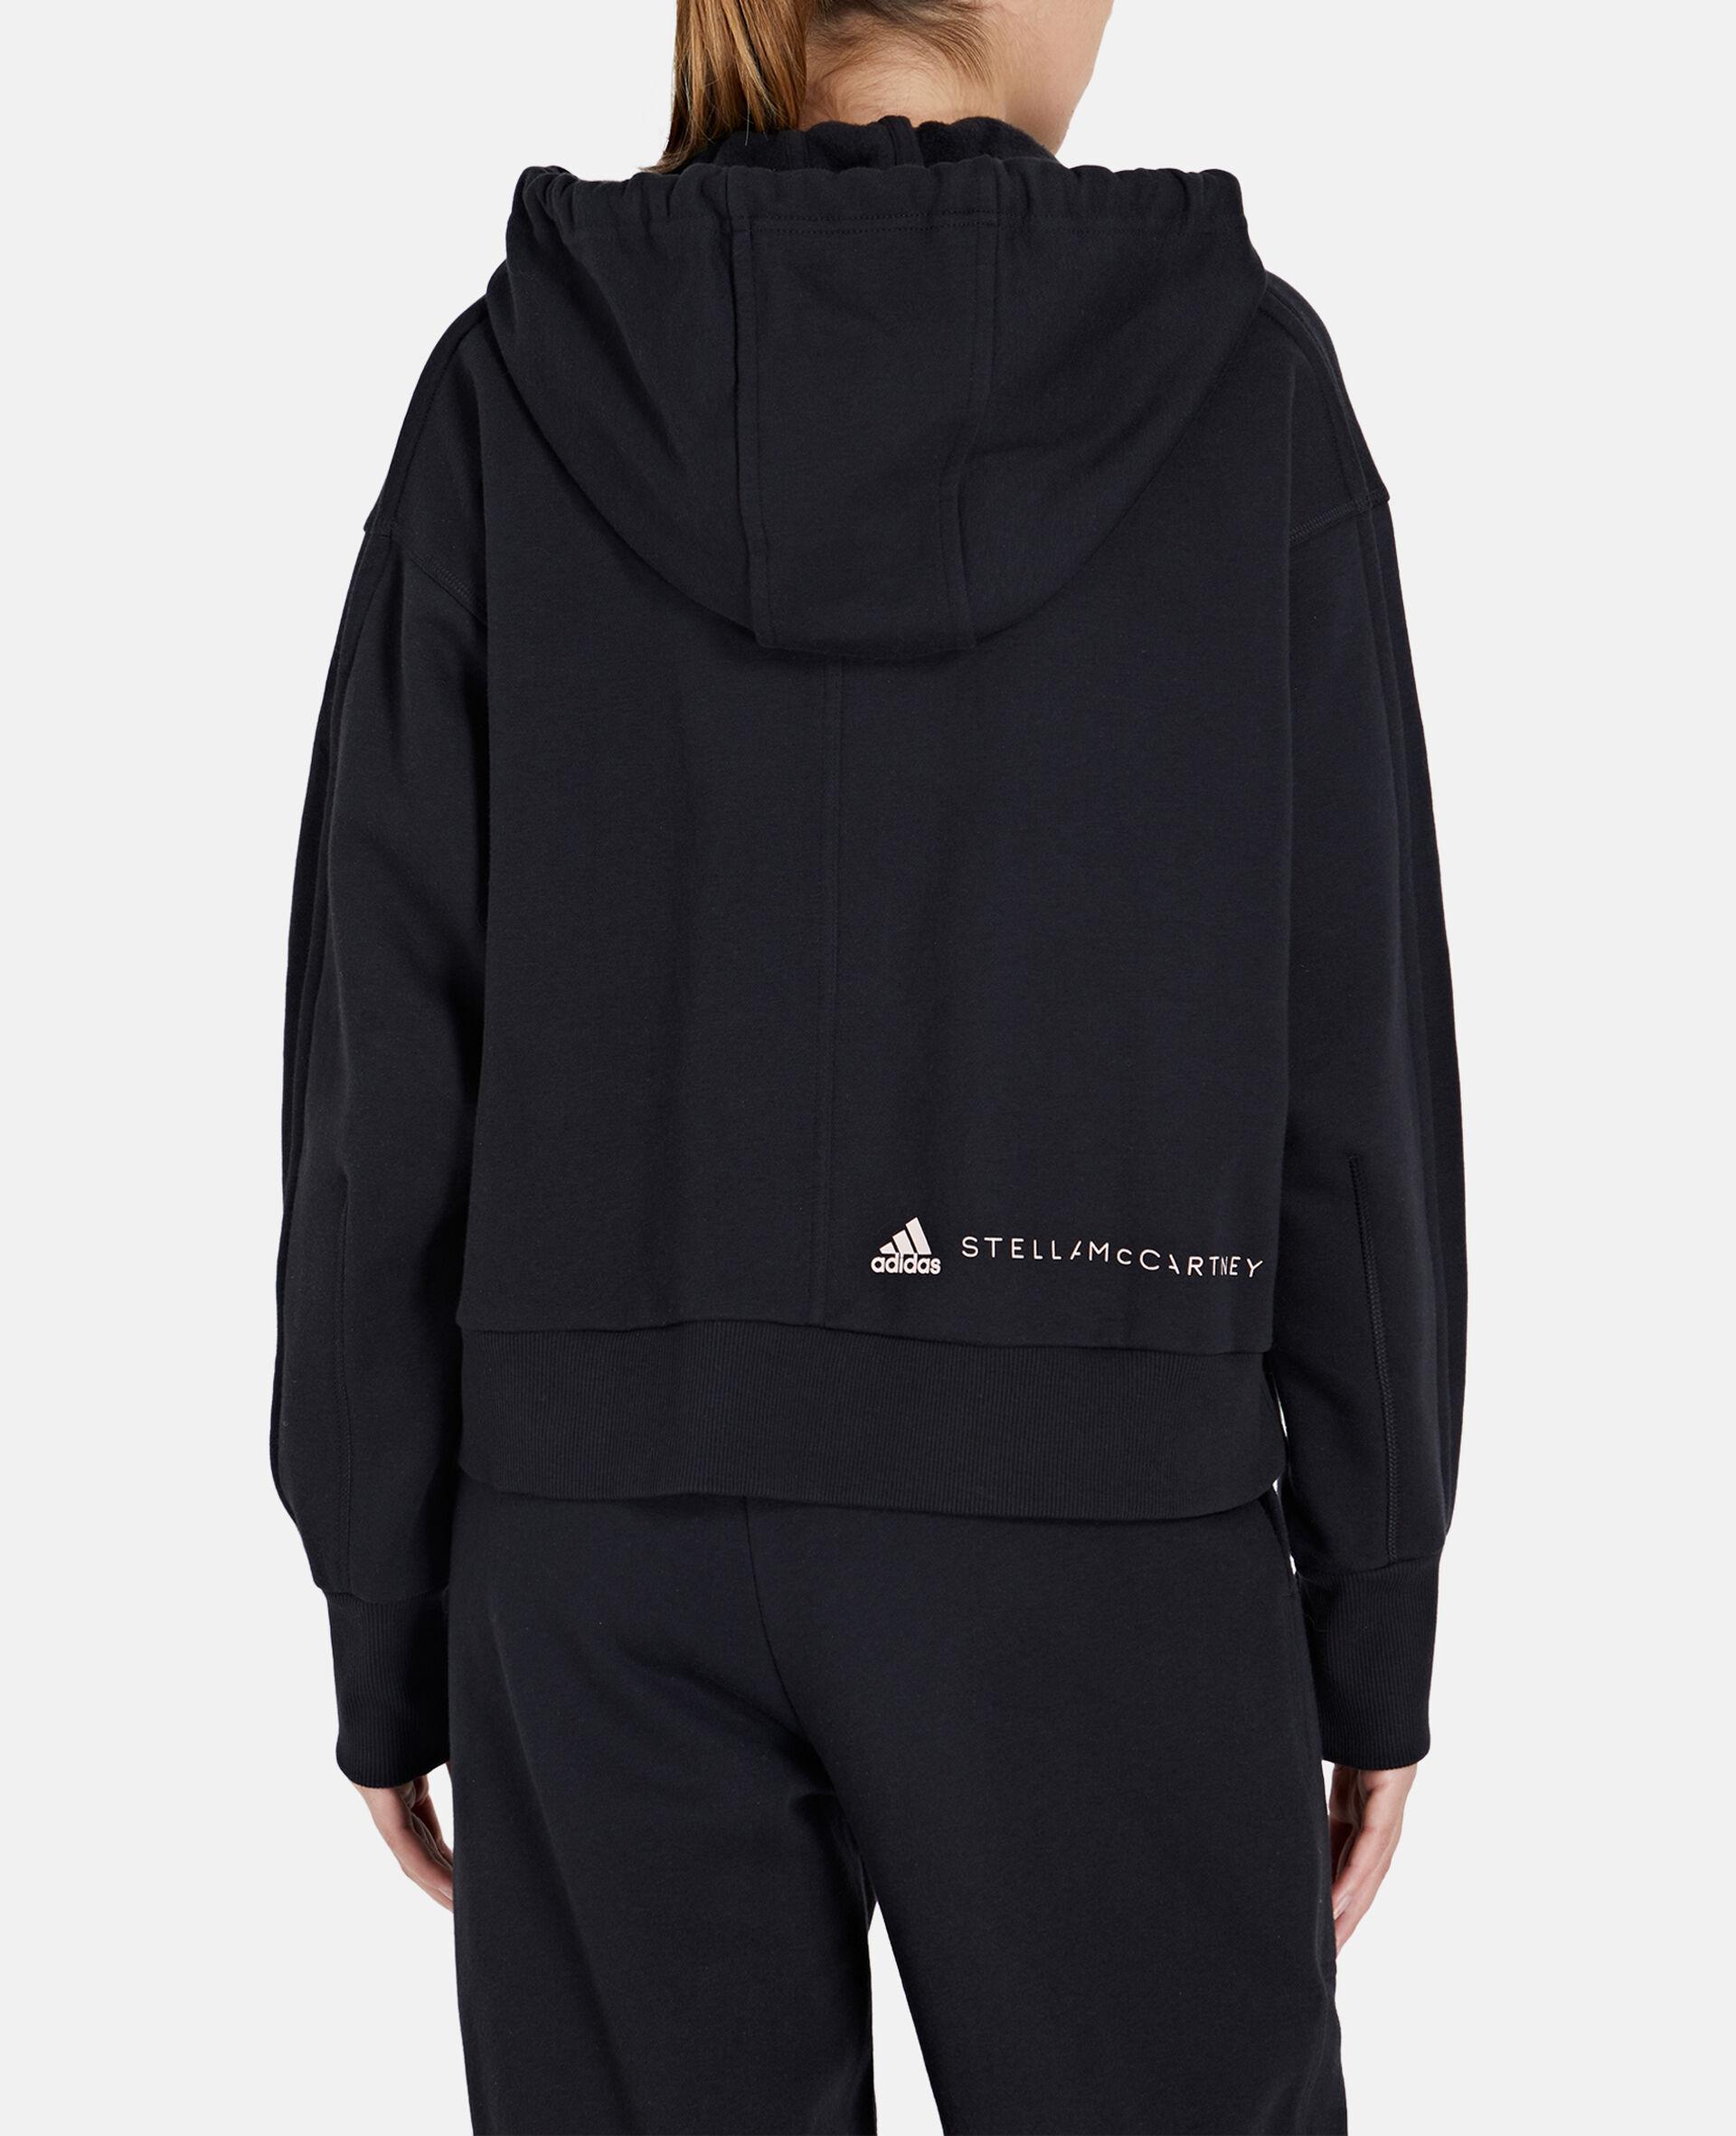 Black Full-zipper Cropped Hoodie-Black-large image number 2